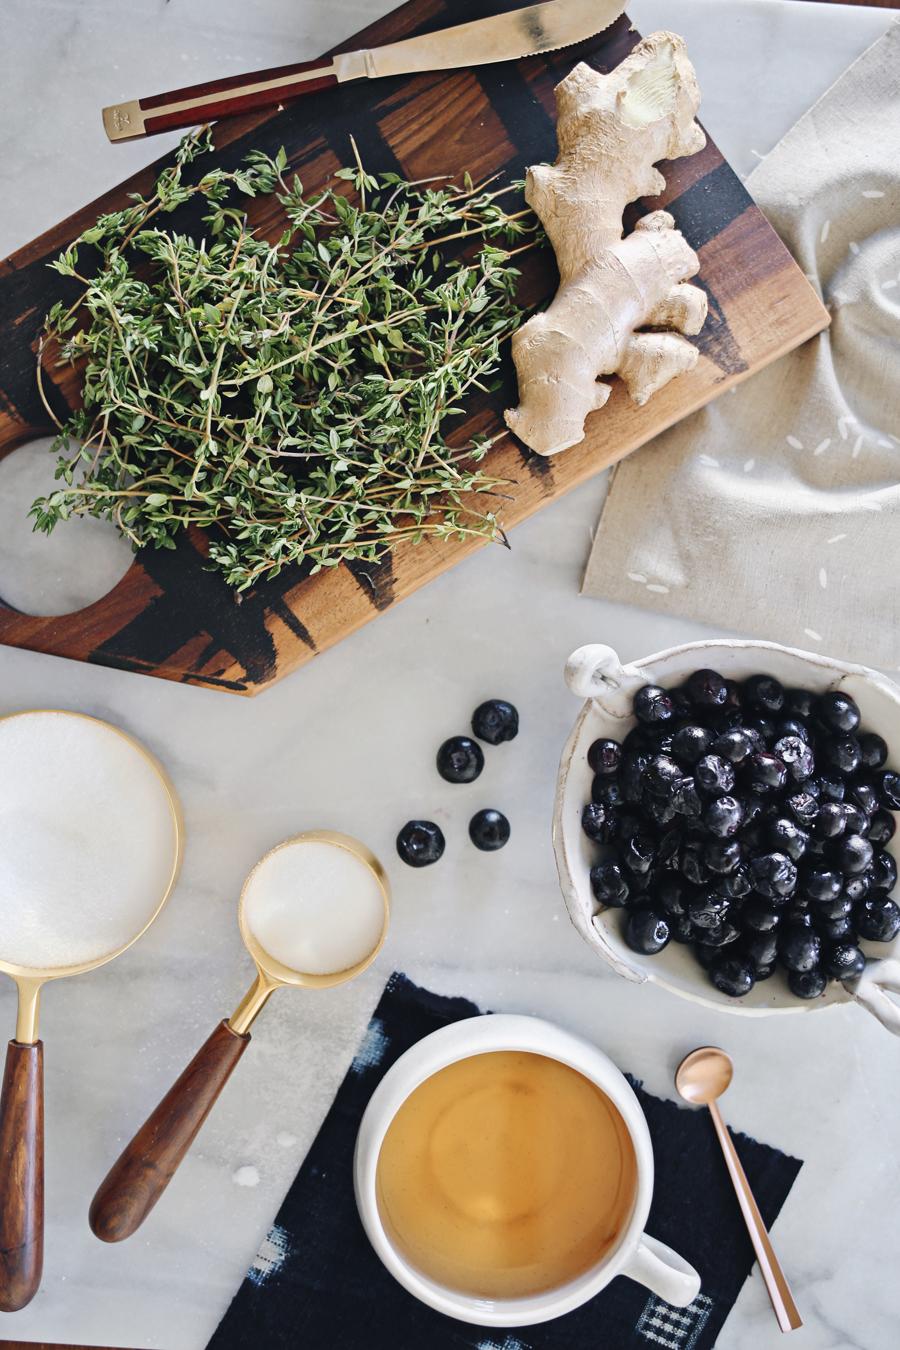 Blueberry Shrub Ingredients | Dine X Design